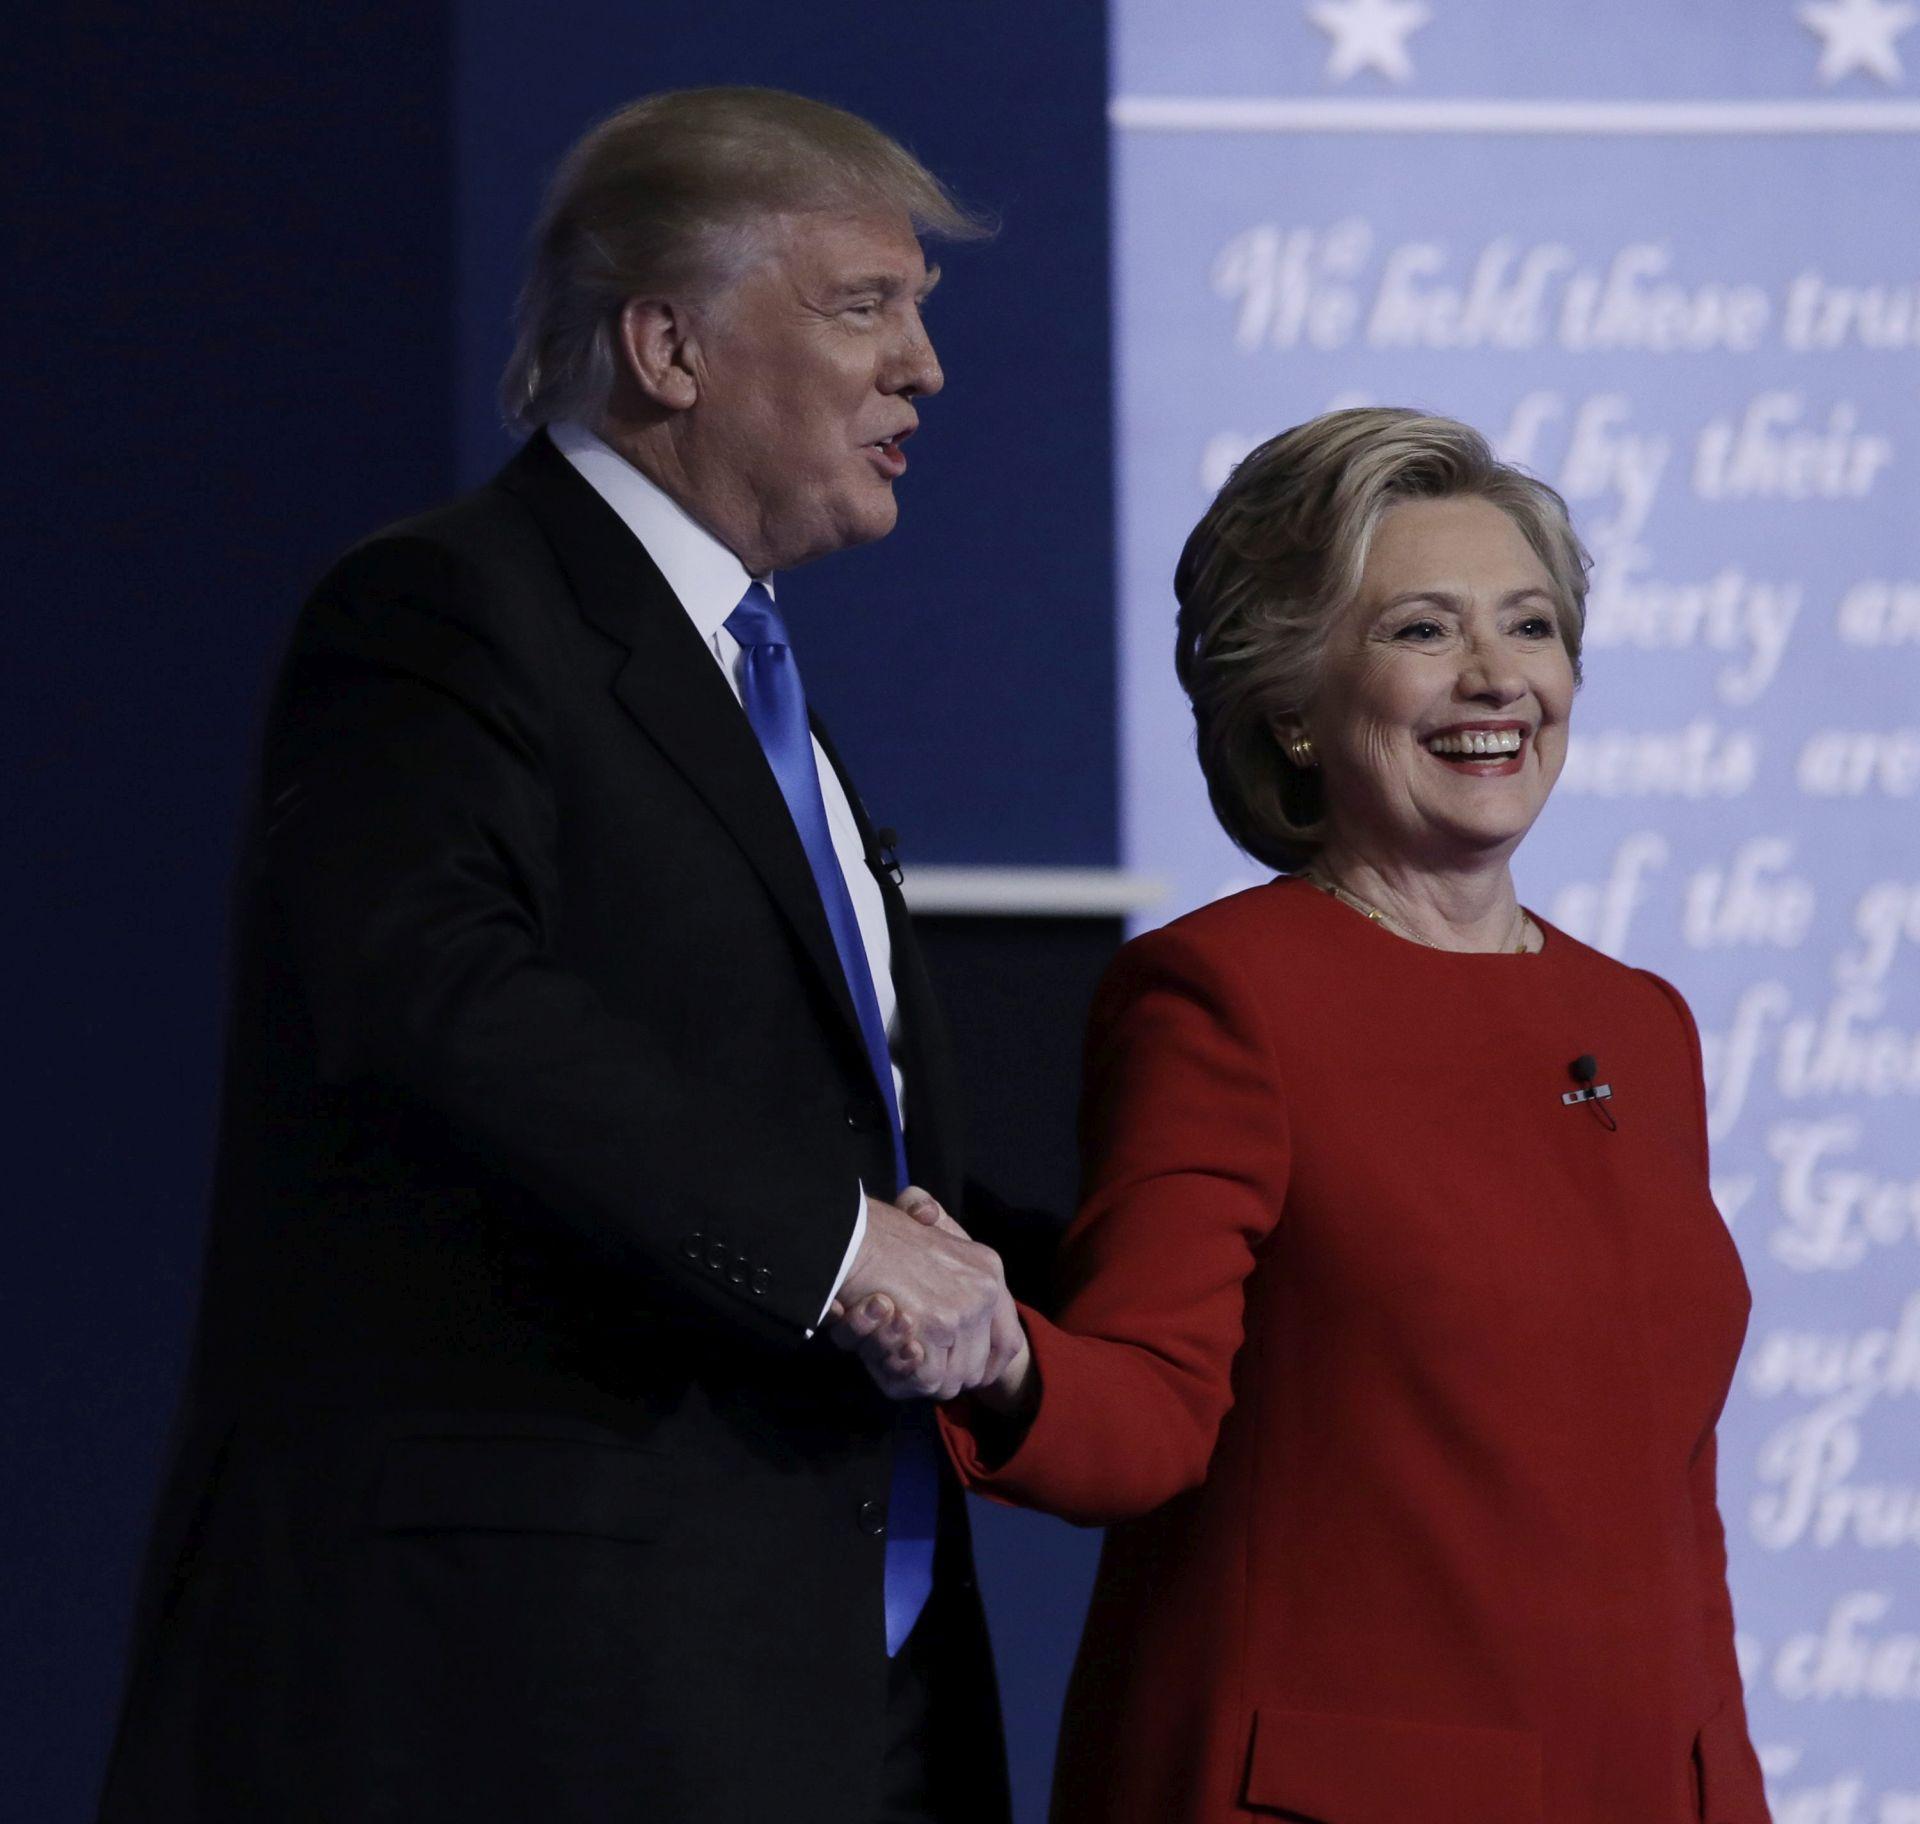 OBOREN REKORD: Predsjedničko sučeljavanje gledalo rekordnih 84 milijuna Amerikanaca